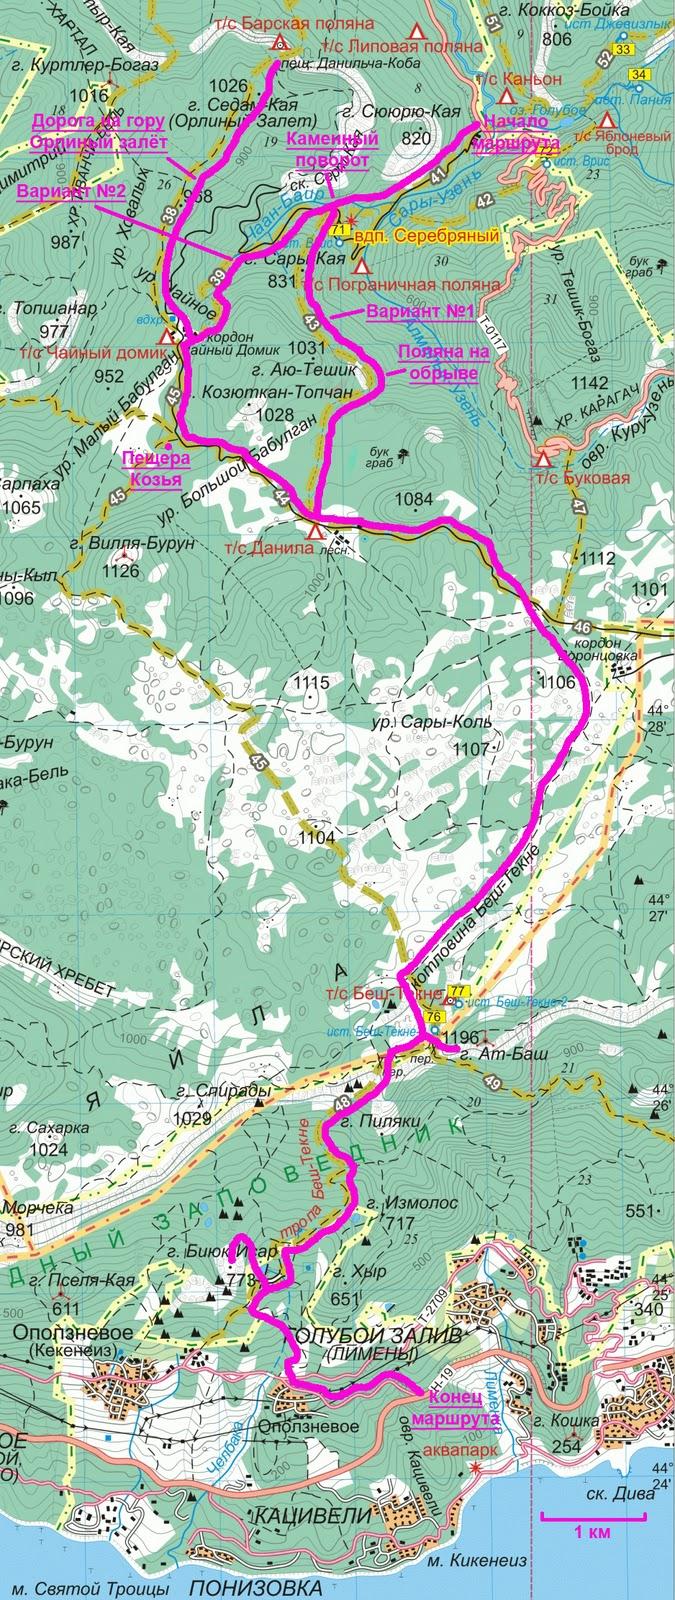 Ай-Петринская  яйла - карта лучшего маршрута